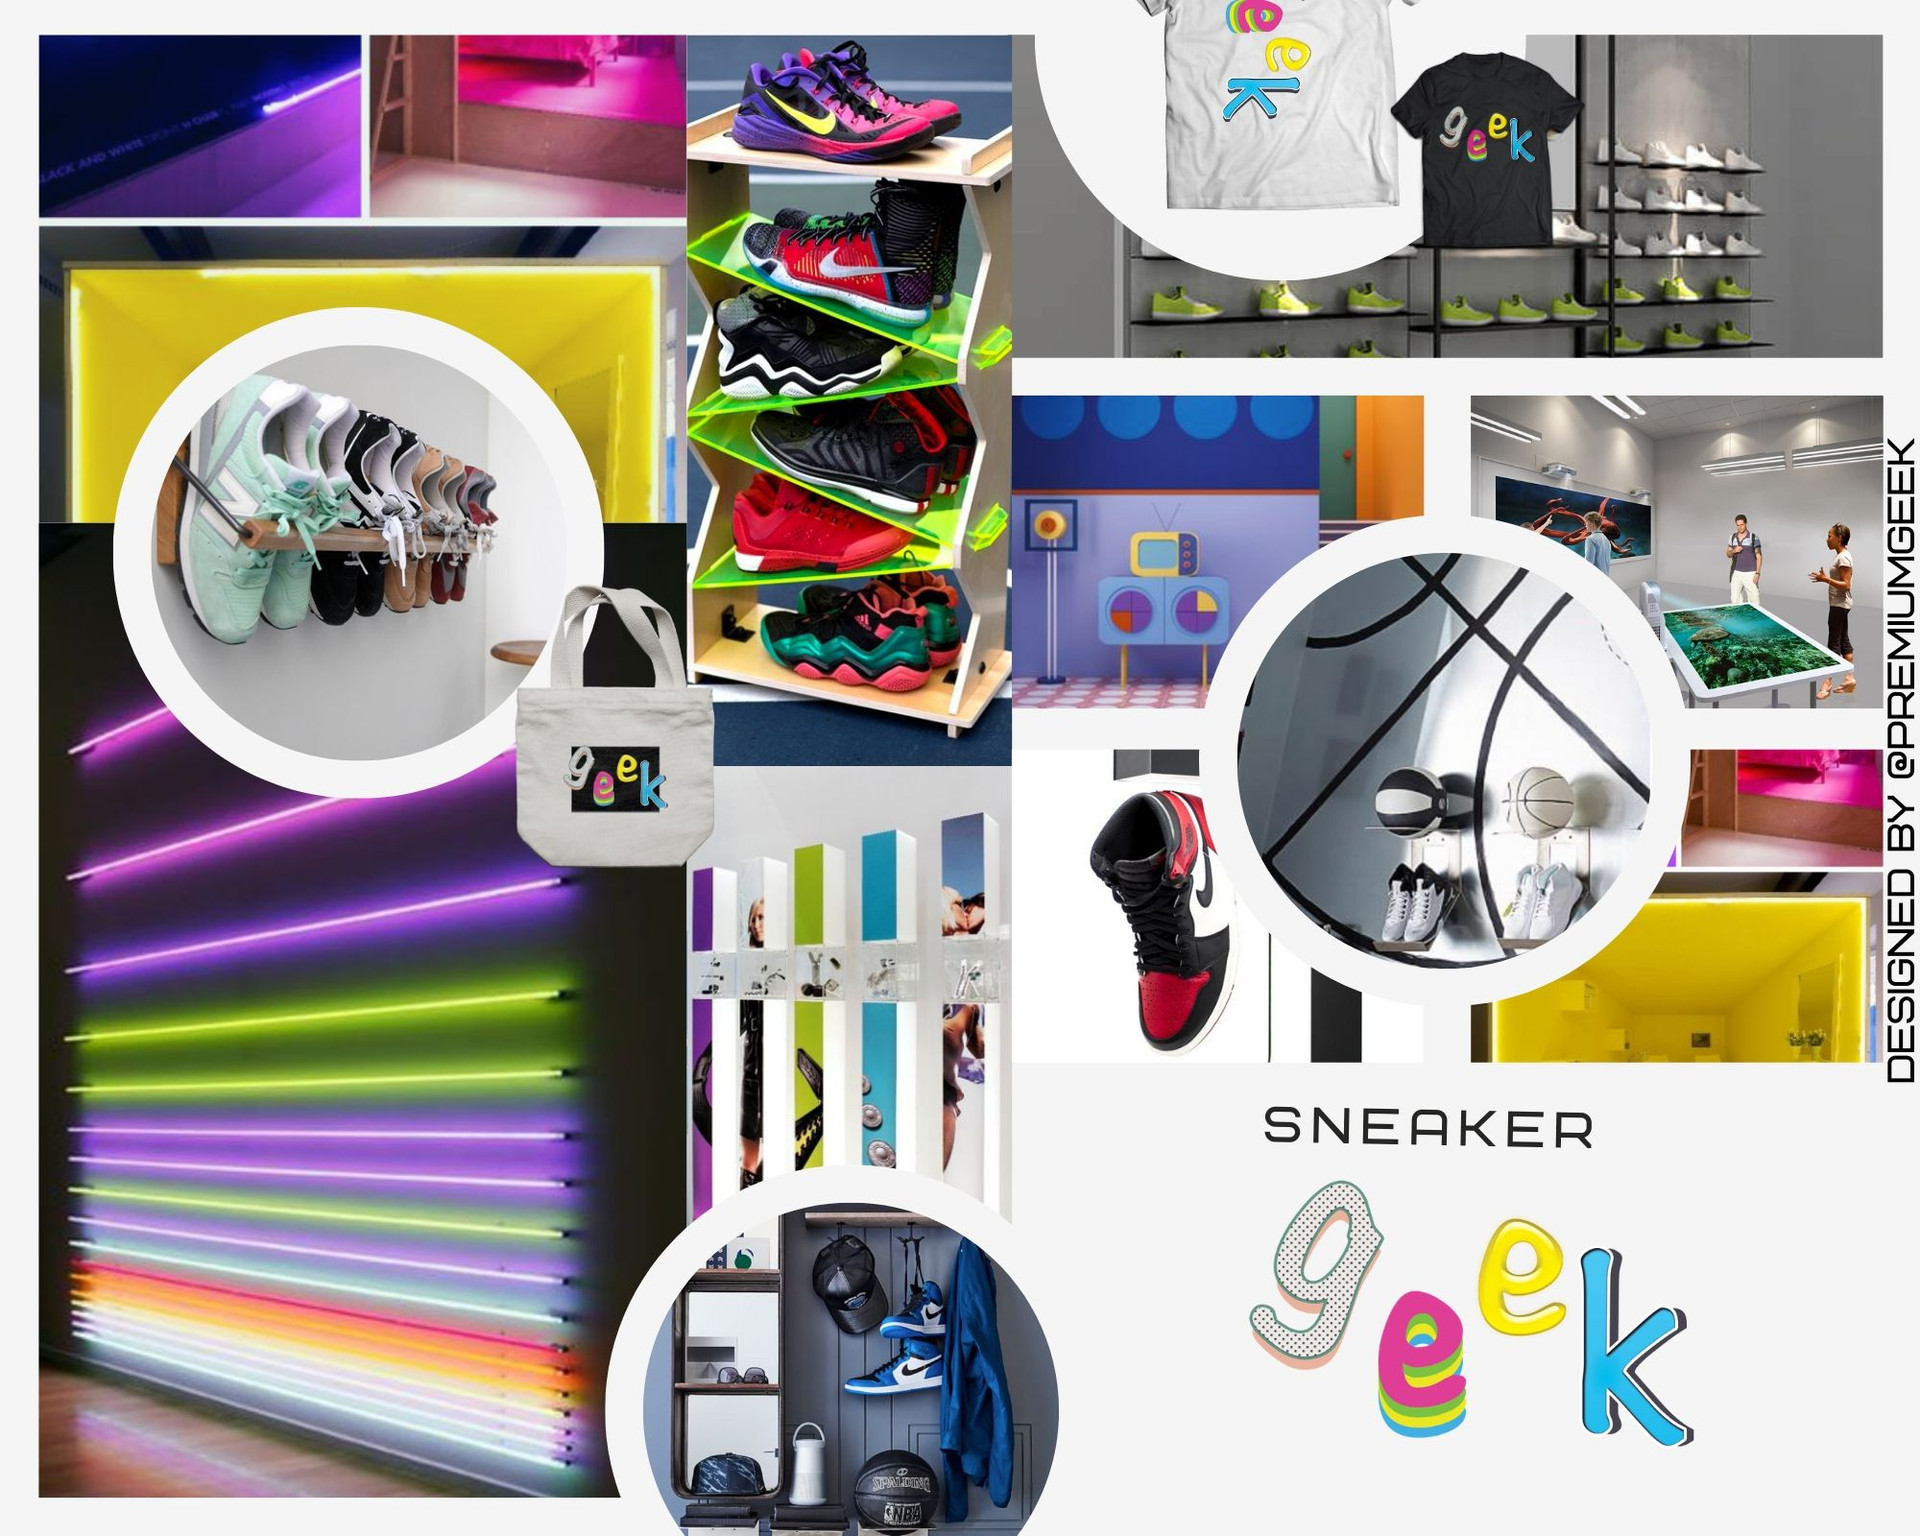 Sneaker Boutique Mood Board